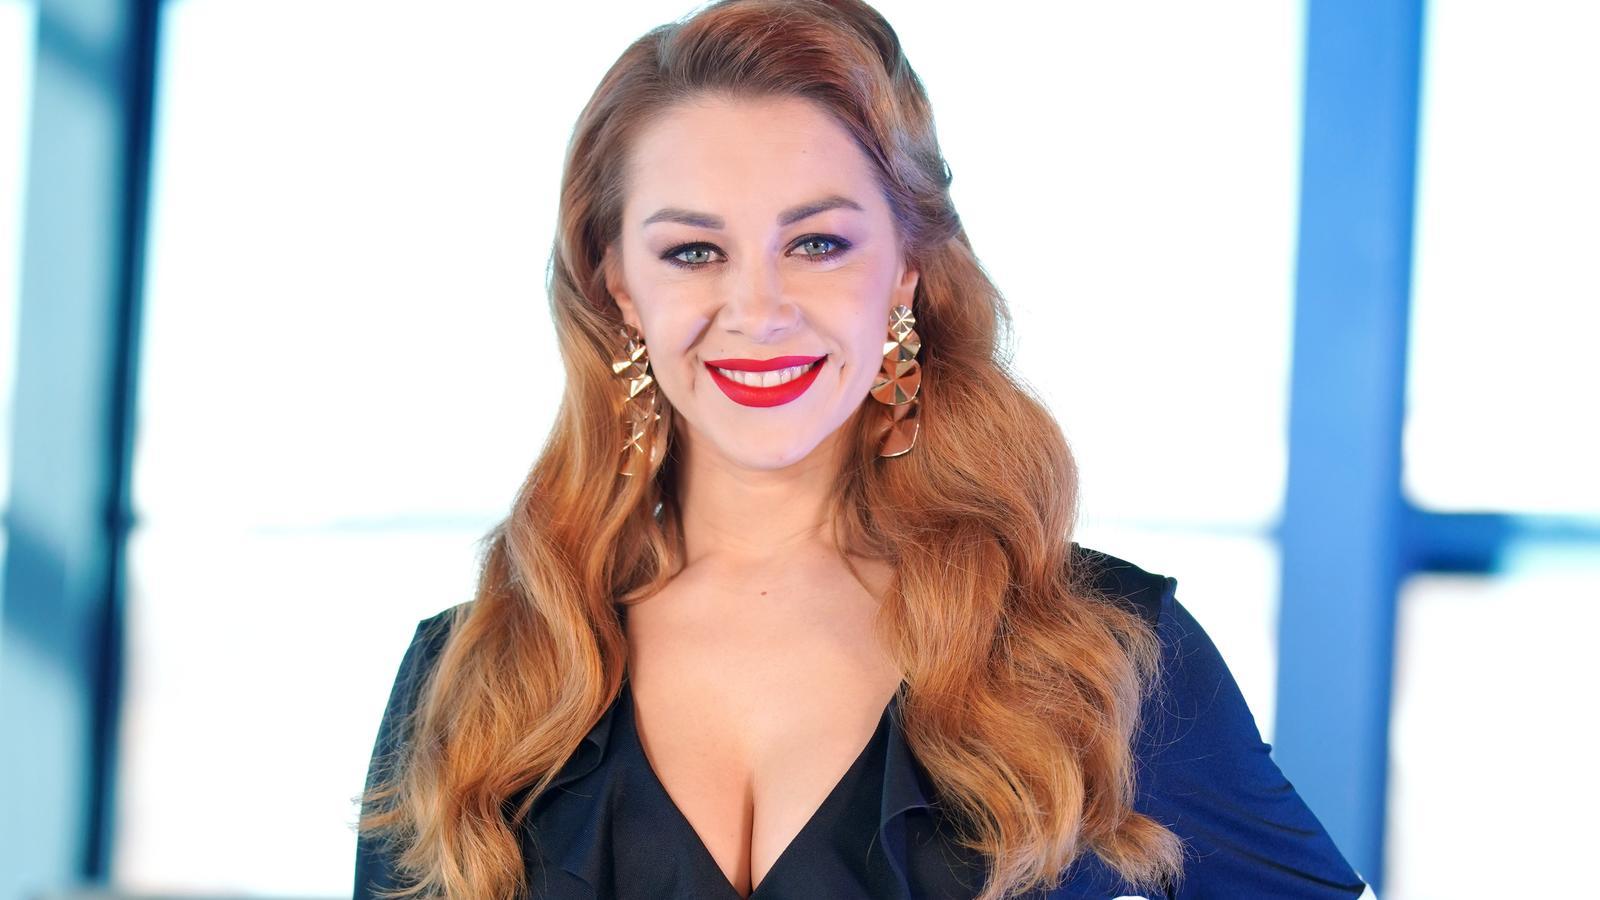 Lets Dance 2019 Oana Nechiti erklrt ihre neue Frisur